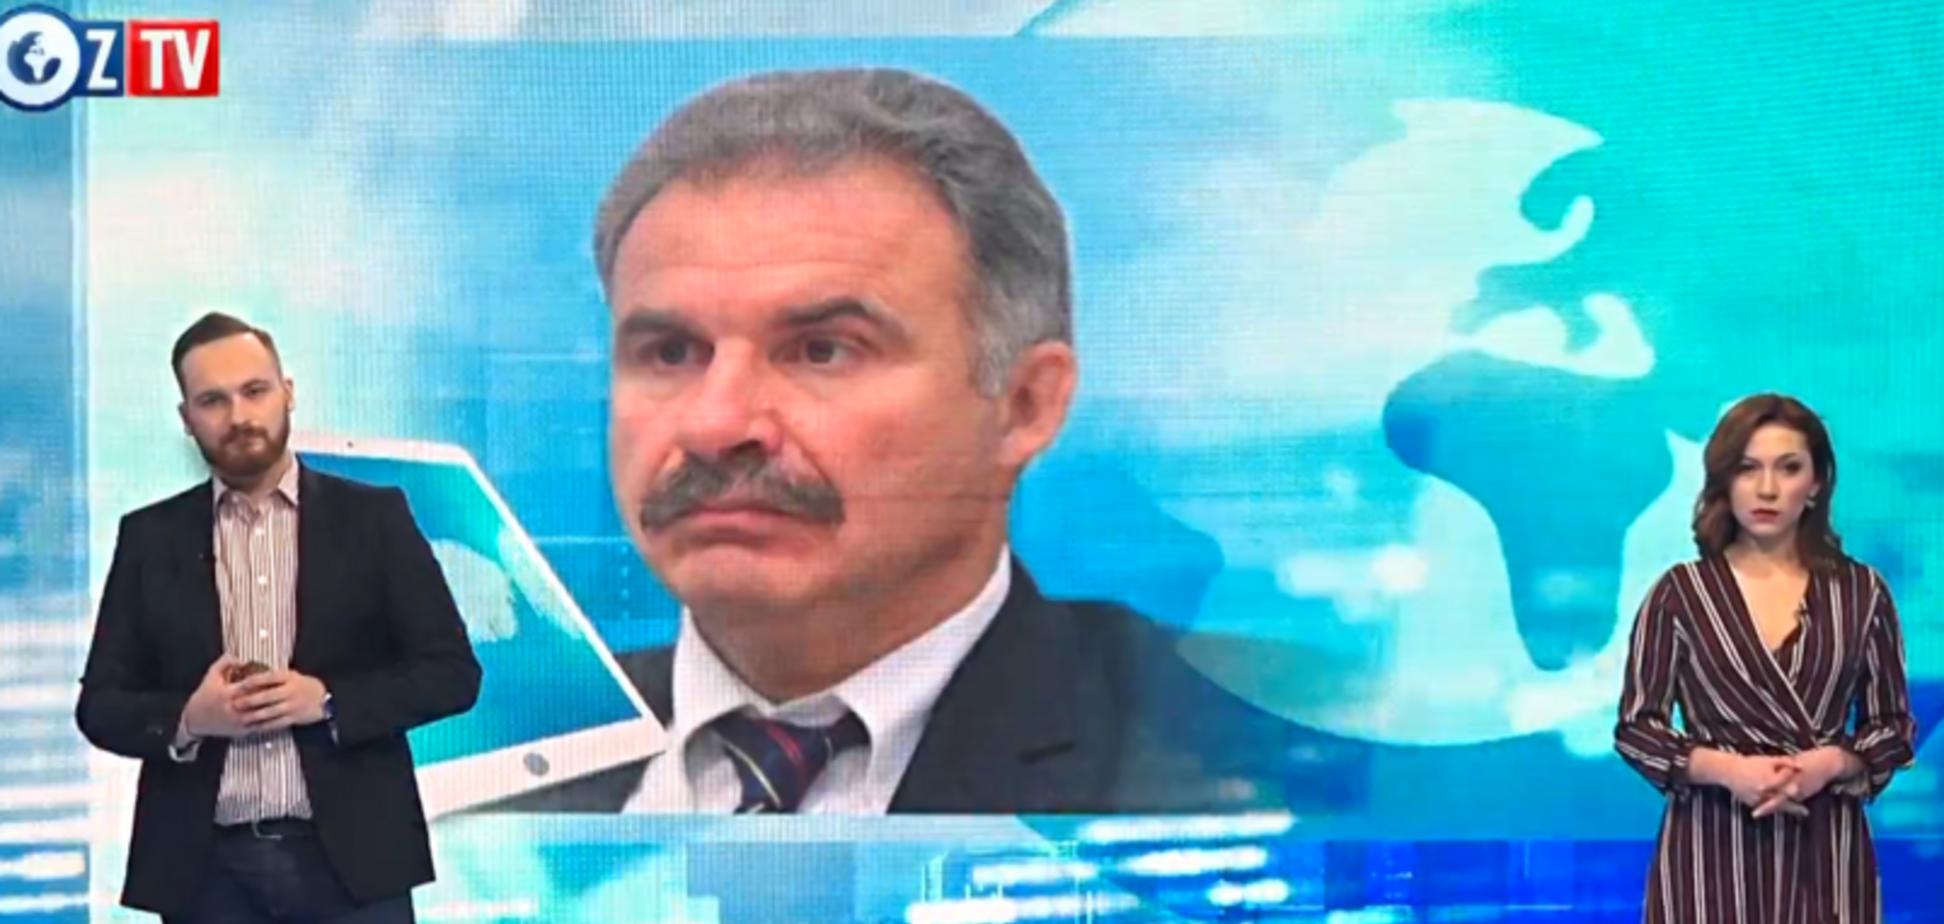 Оппозиционный блок, вместо обсуждения поправок, занимается политической агитацией: народный депутат